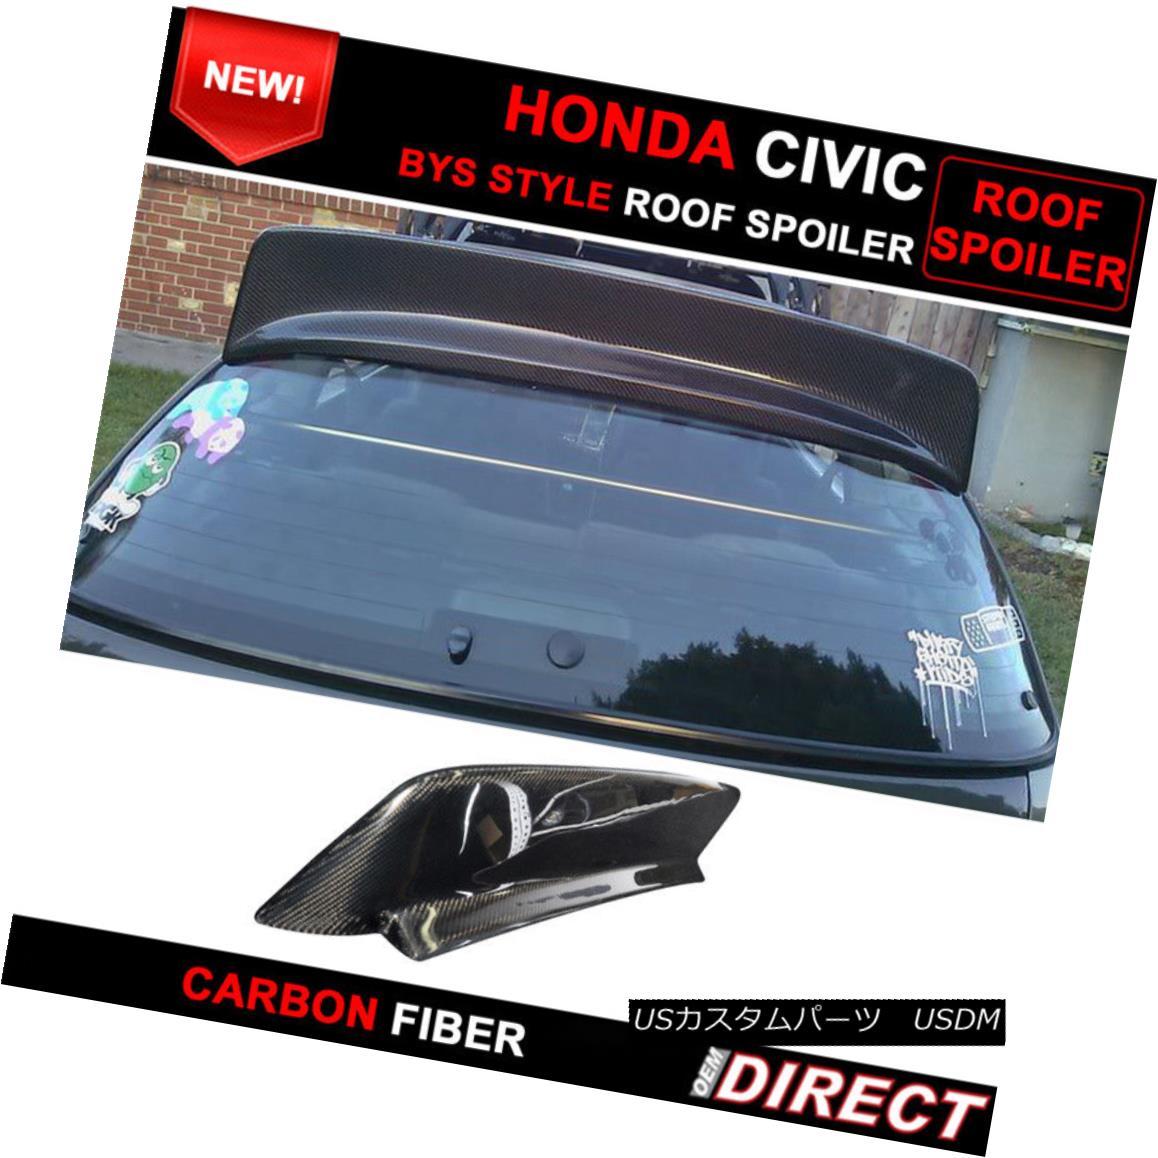 エアロパーツ 92-95 Honda Civic EG EG6 3Dr Hatchback JDM BYS Style Carbon Fiber Roof Spoiler 92-95ホンダシビックEG EG6 3DrハッチバックJDM BYSスタイルカーボンファイバールーフスポイラー